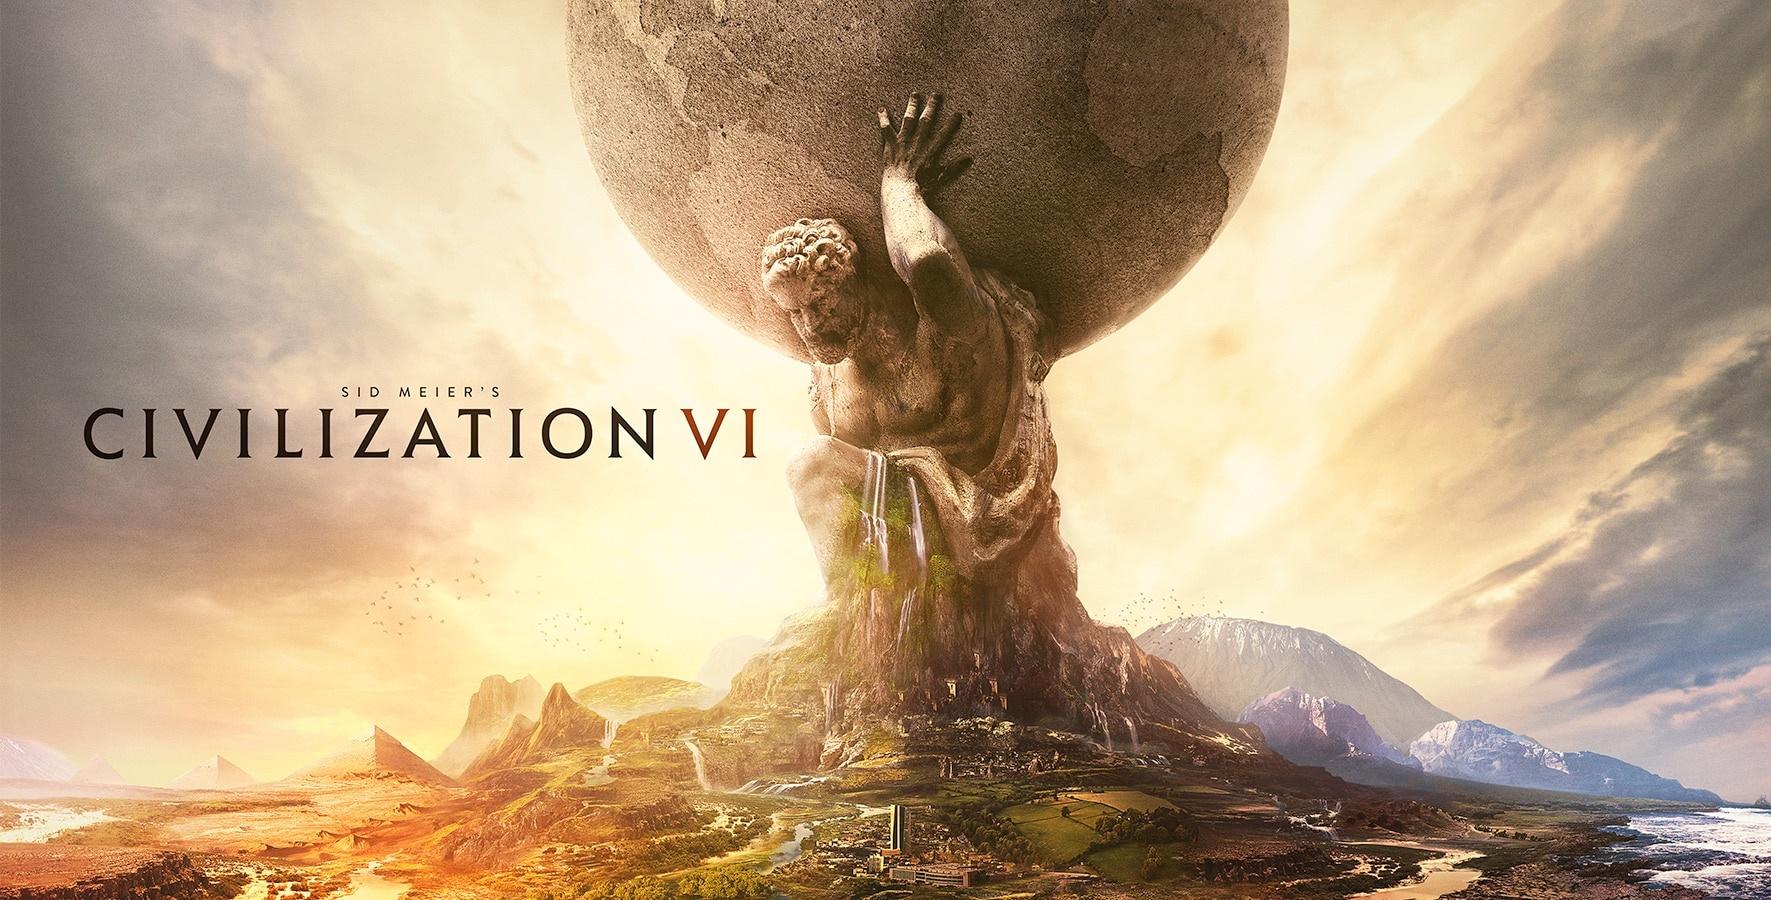 Sid Meier's Civilization VI agora possui Cloud Save em Cross-platform entre o Switch e PC